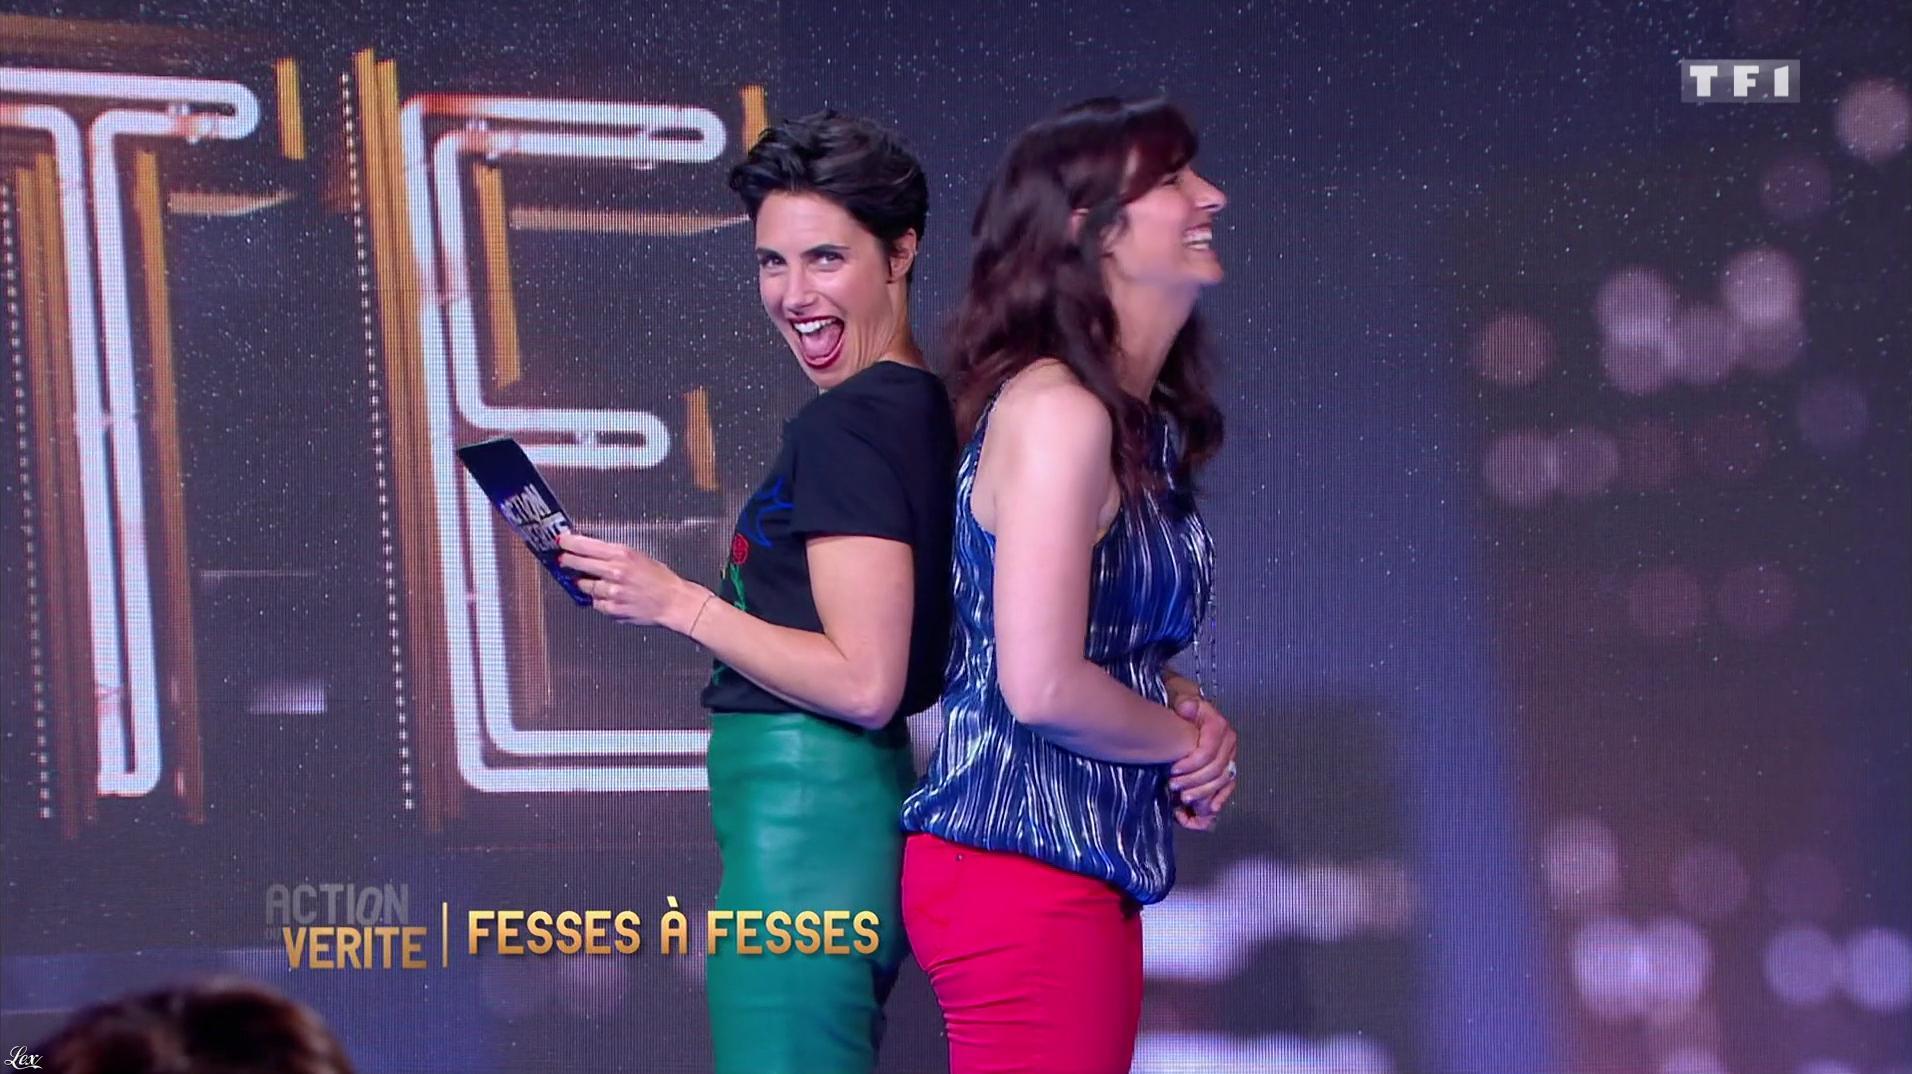 Alessandra Sublet dans Action ou Verite. Diffusé à la télévision le 24/06/16.